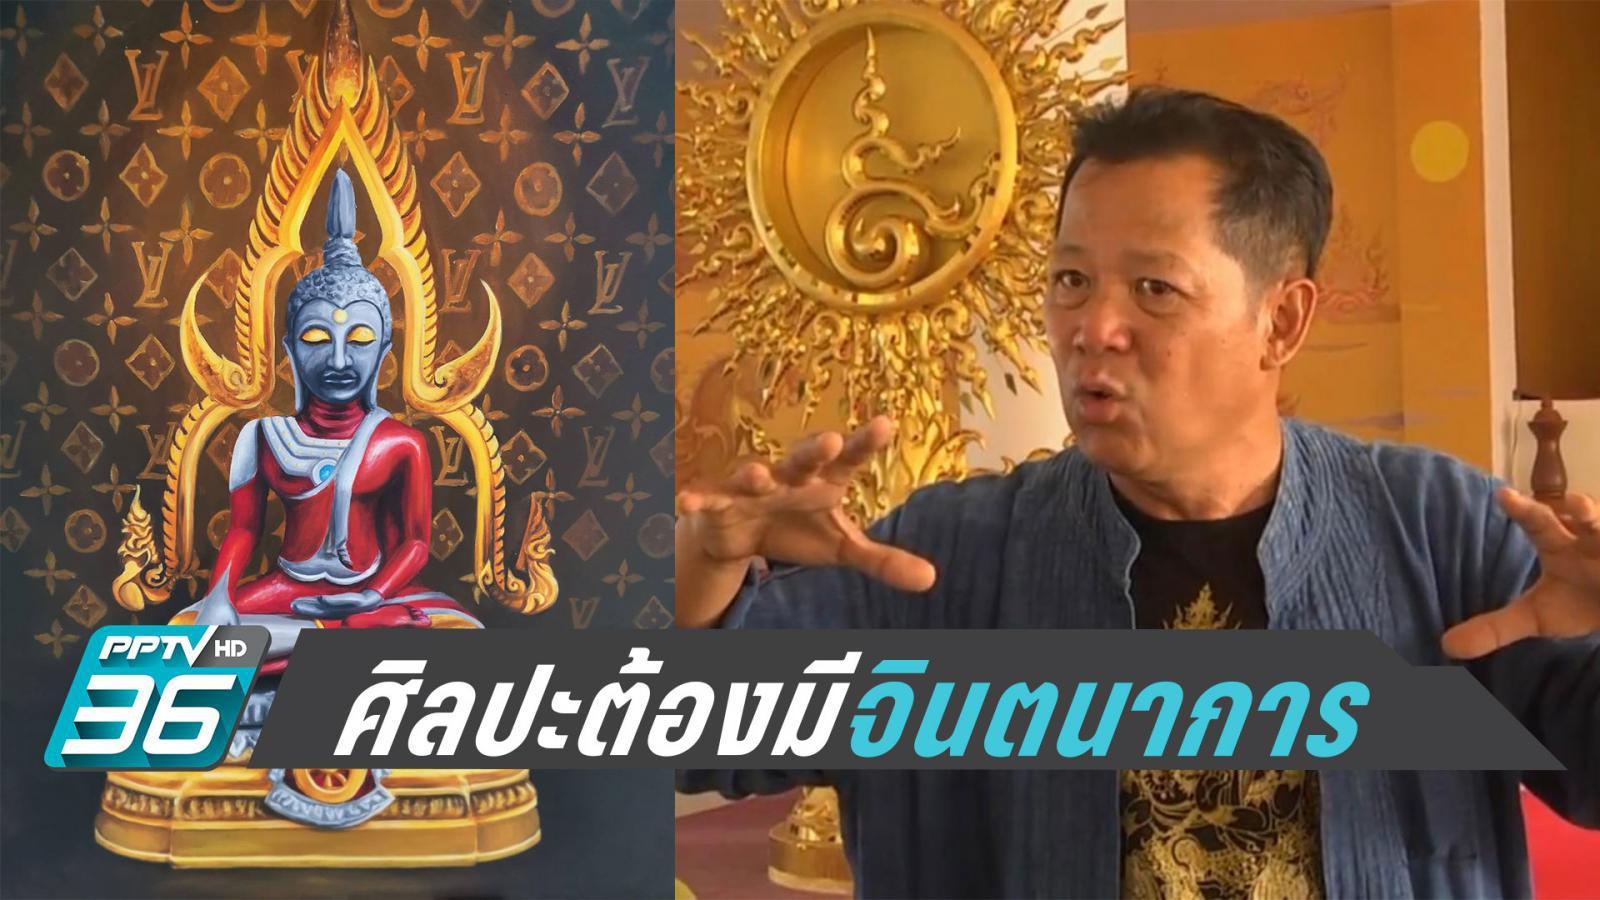 """""""อ.เฉลิมชัย"""" หนุน นศ.วาด พระพุทธรูปอุลตร้าแมน ชี้อย่าน้ำเน่าเกินไป - เห็นต่างไม่ผิด"""